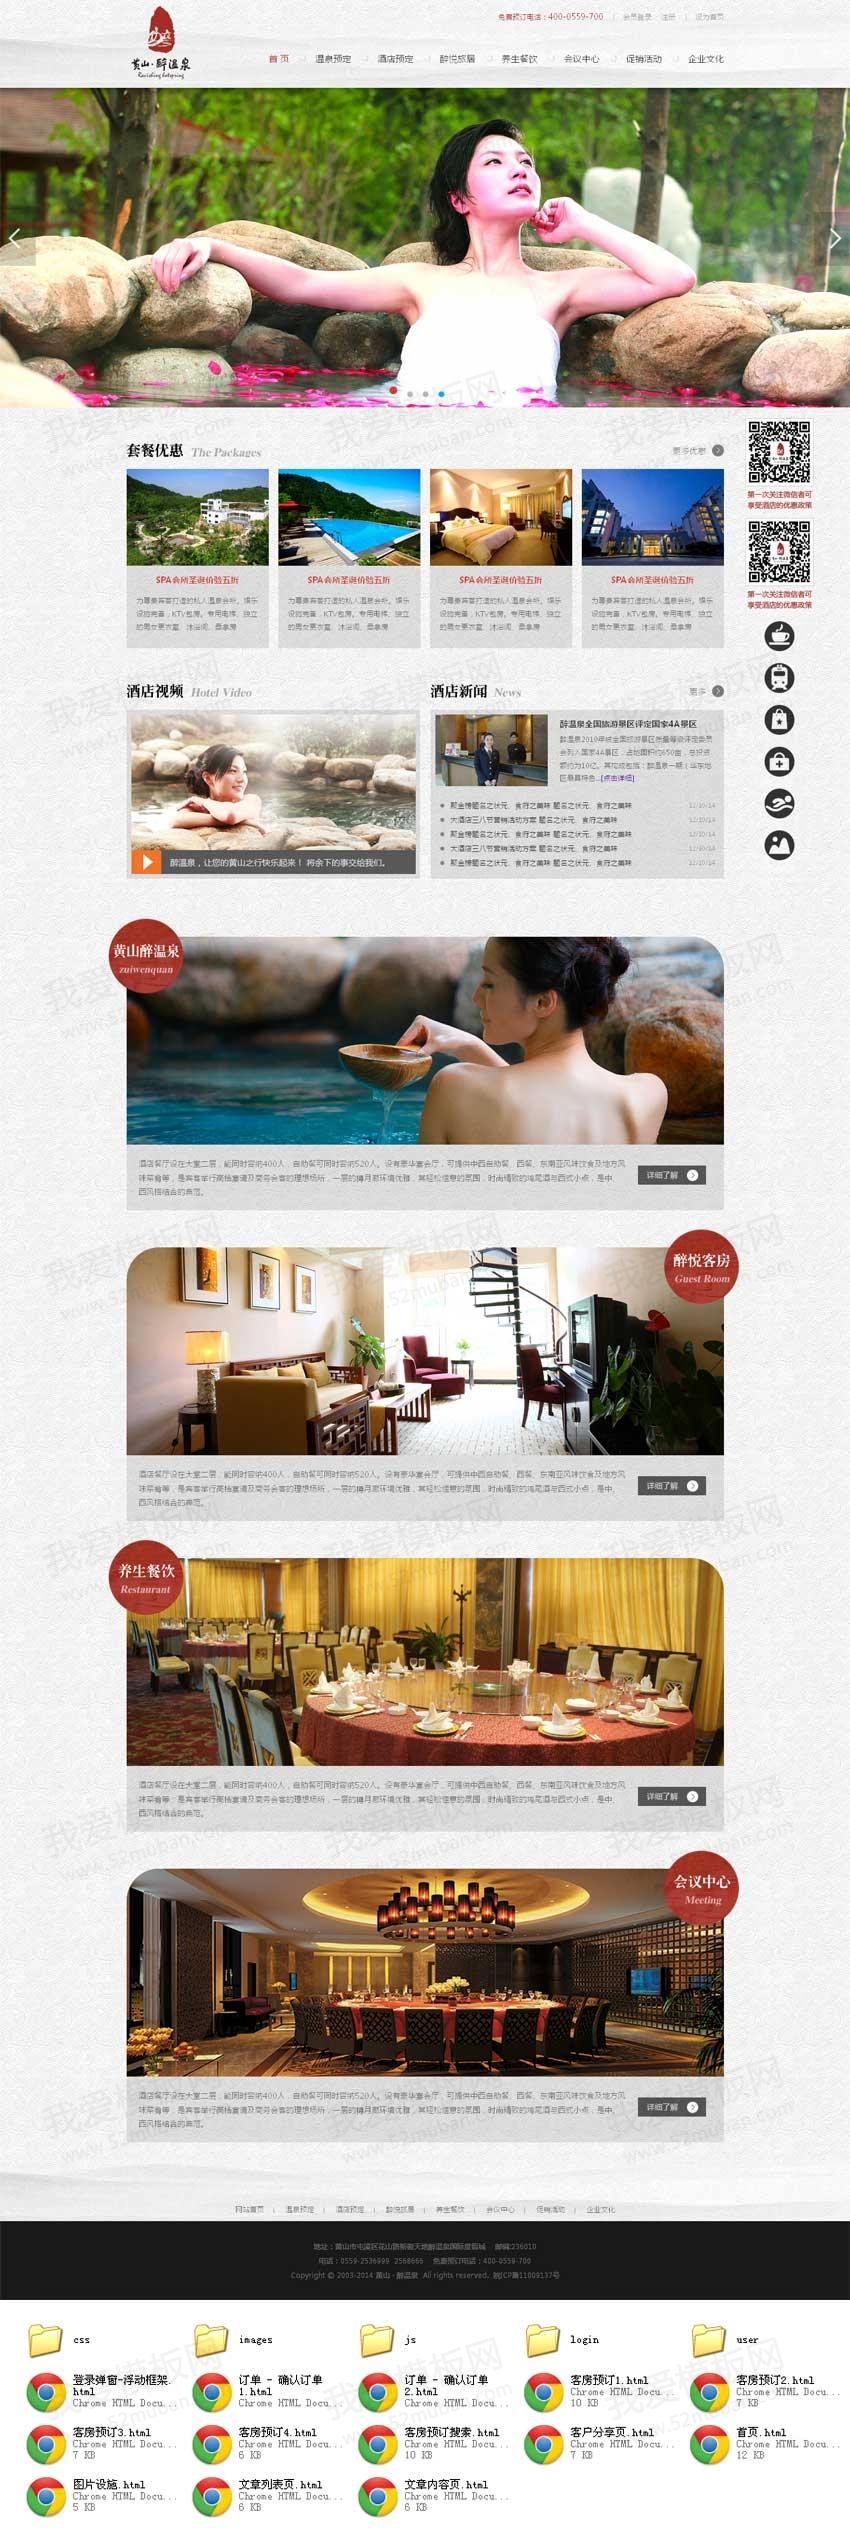 中国风的温泉酒店预订网站全套html模板